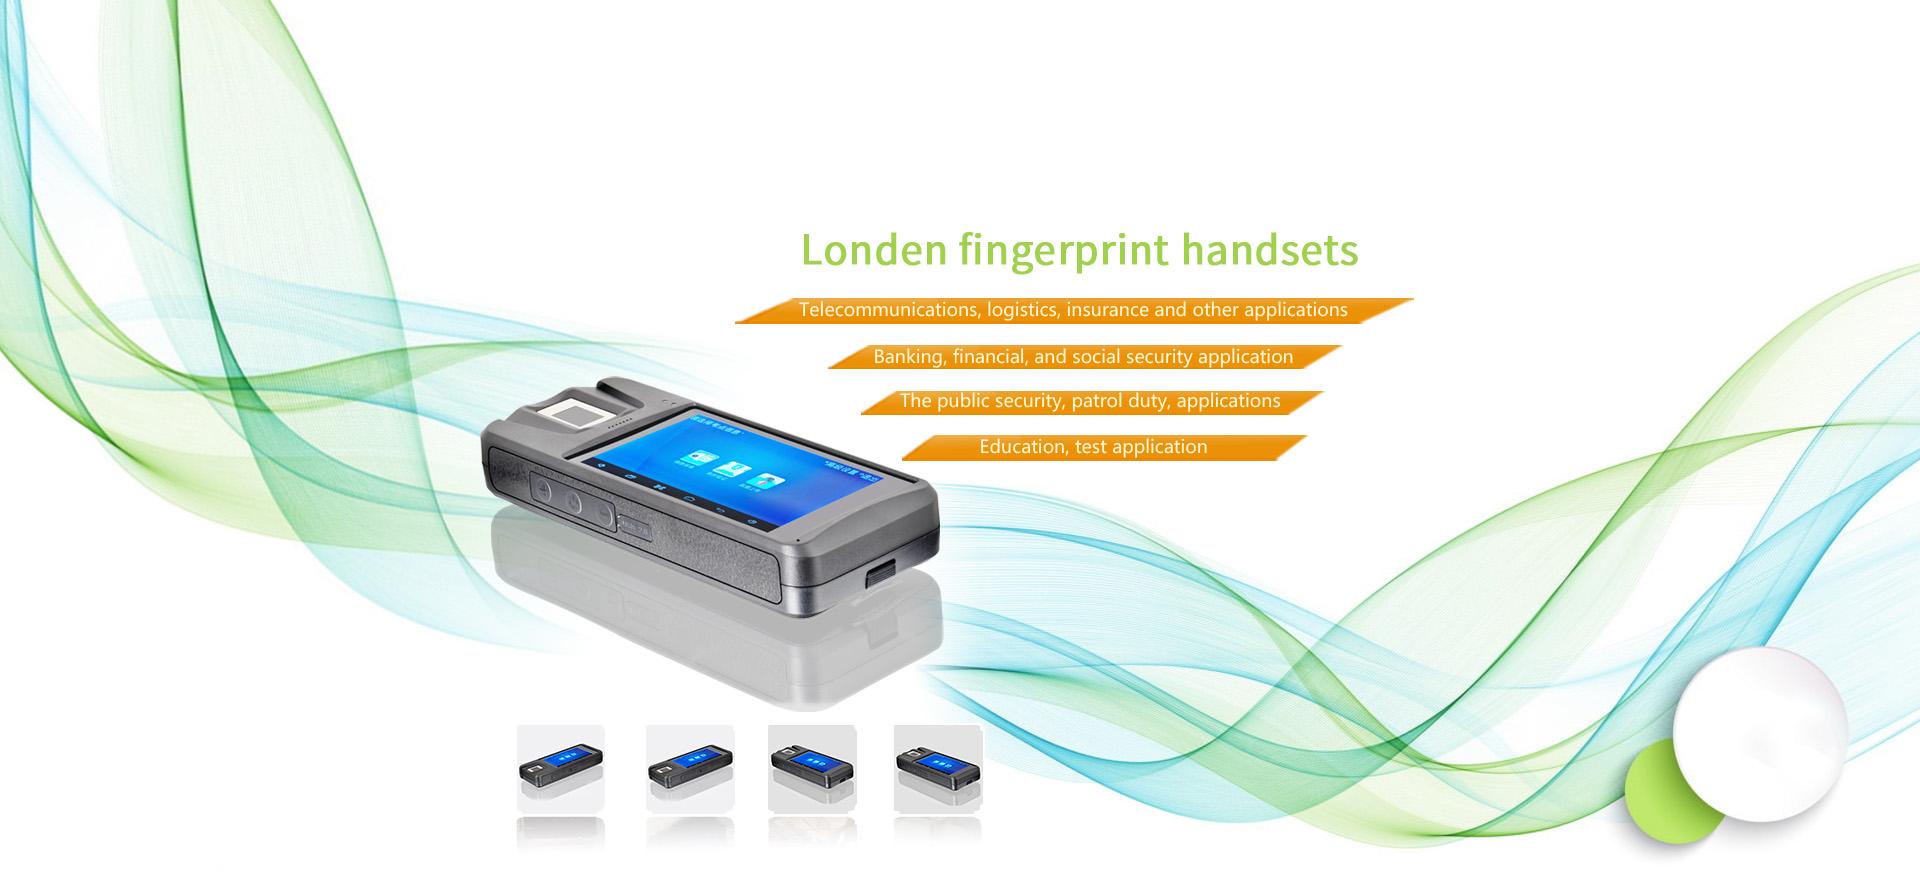 Fingerprint handheld terminal